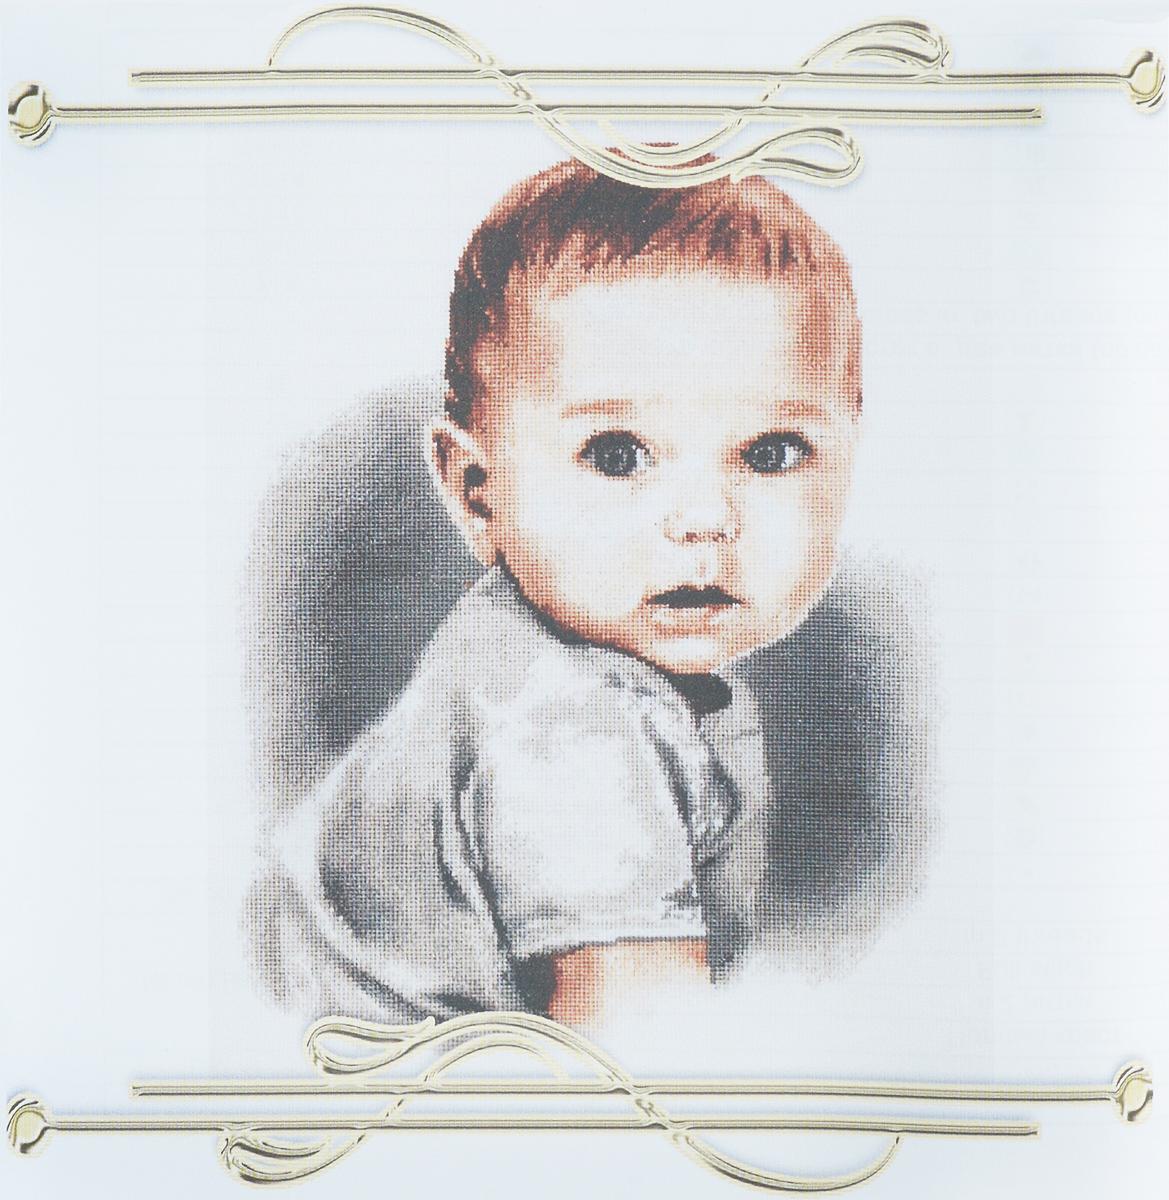 Набор для вышивания крестом Alisena Малыш с голубыми глазками, 23 x 30 см383192Набор для вышивания крестом Alisena Малыш с голубыми глазками поможет вам создать свой личный шедевр - красивую картину, вышитую нитками. Красивый и стильный рисунок-вышивка, выполненный на канве, выглядит оригинально и всегда модно. Работа, сделанная своими руками, создаст особый уют и атмосферу в доме и долгие годы будет радовать вас и ваших близких. В наборе есть все необходимое для создания вышивки на канве в технике счетный крест. В набор входит: - канва Aida Zweigart №16 (белого цвета), - мулине Anchor (15 цветов), - цветная символьная схема, - инструкция на русском языке, - игла. Размер готовой работы: 23 х 30 см. Размер канвы: 38 х 45 см.